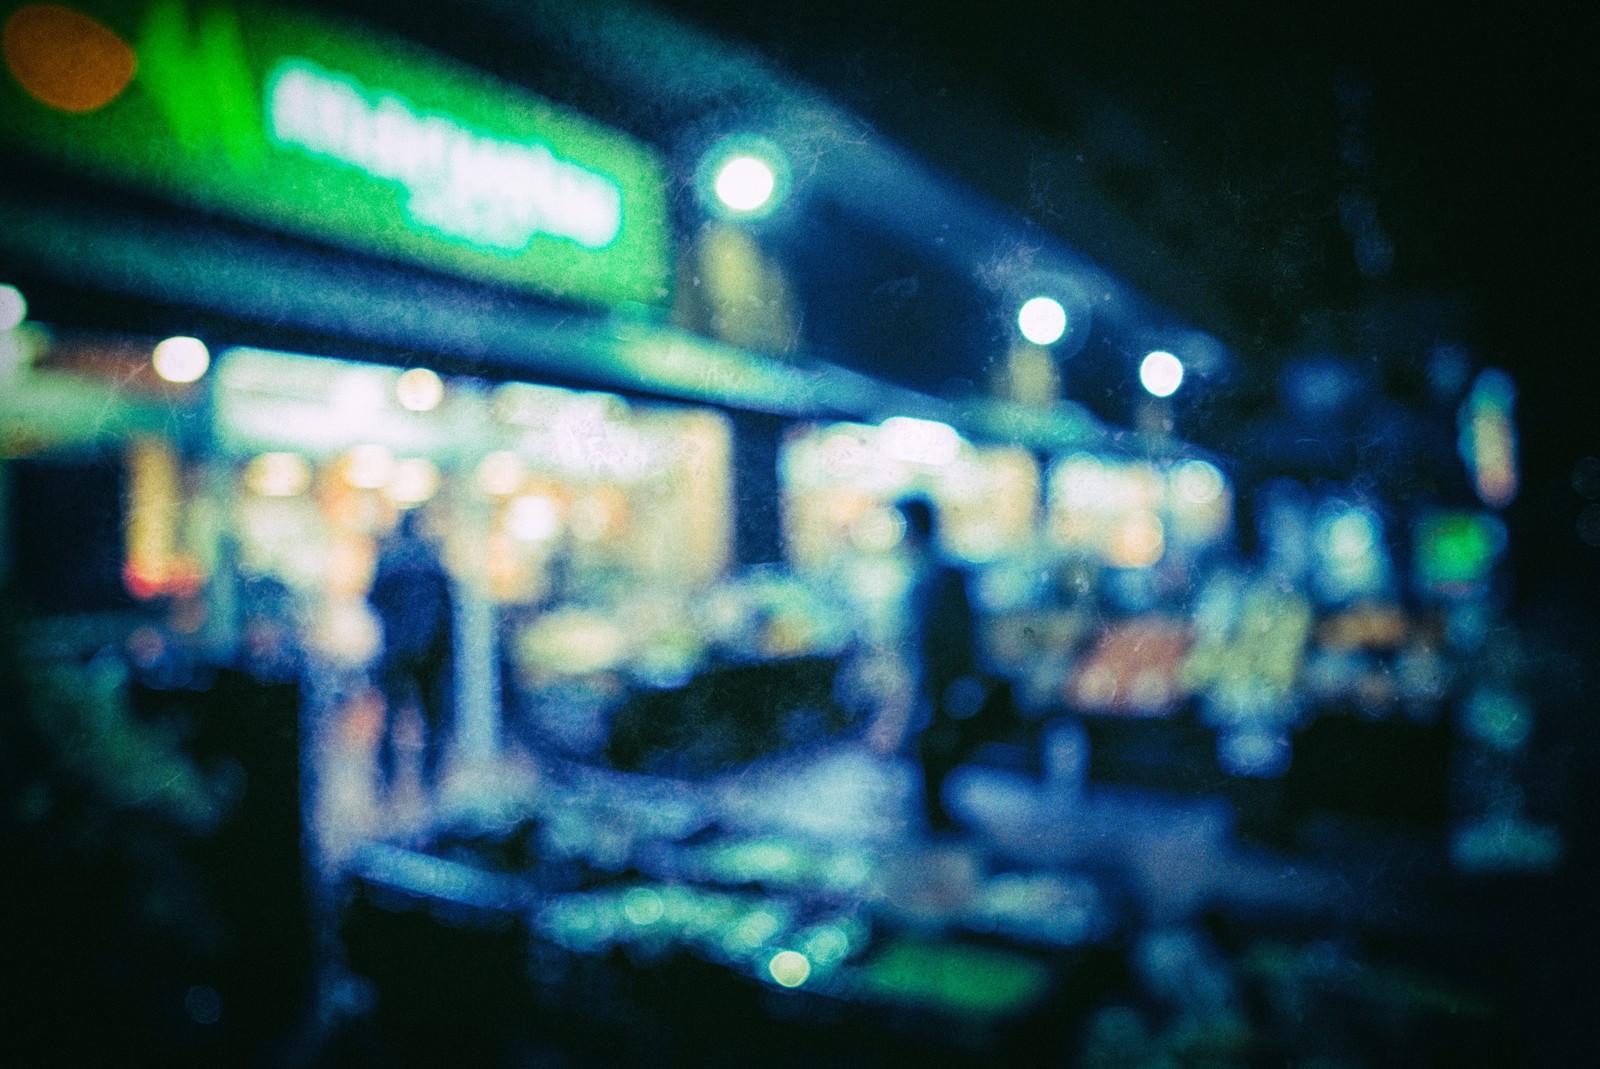 自分にとっての「普通」の概念が覆る『コンビニ人間』村田沙耶香